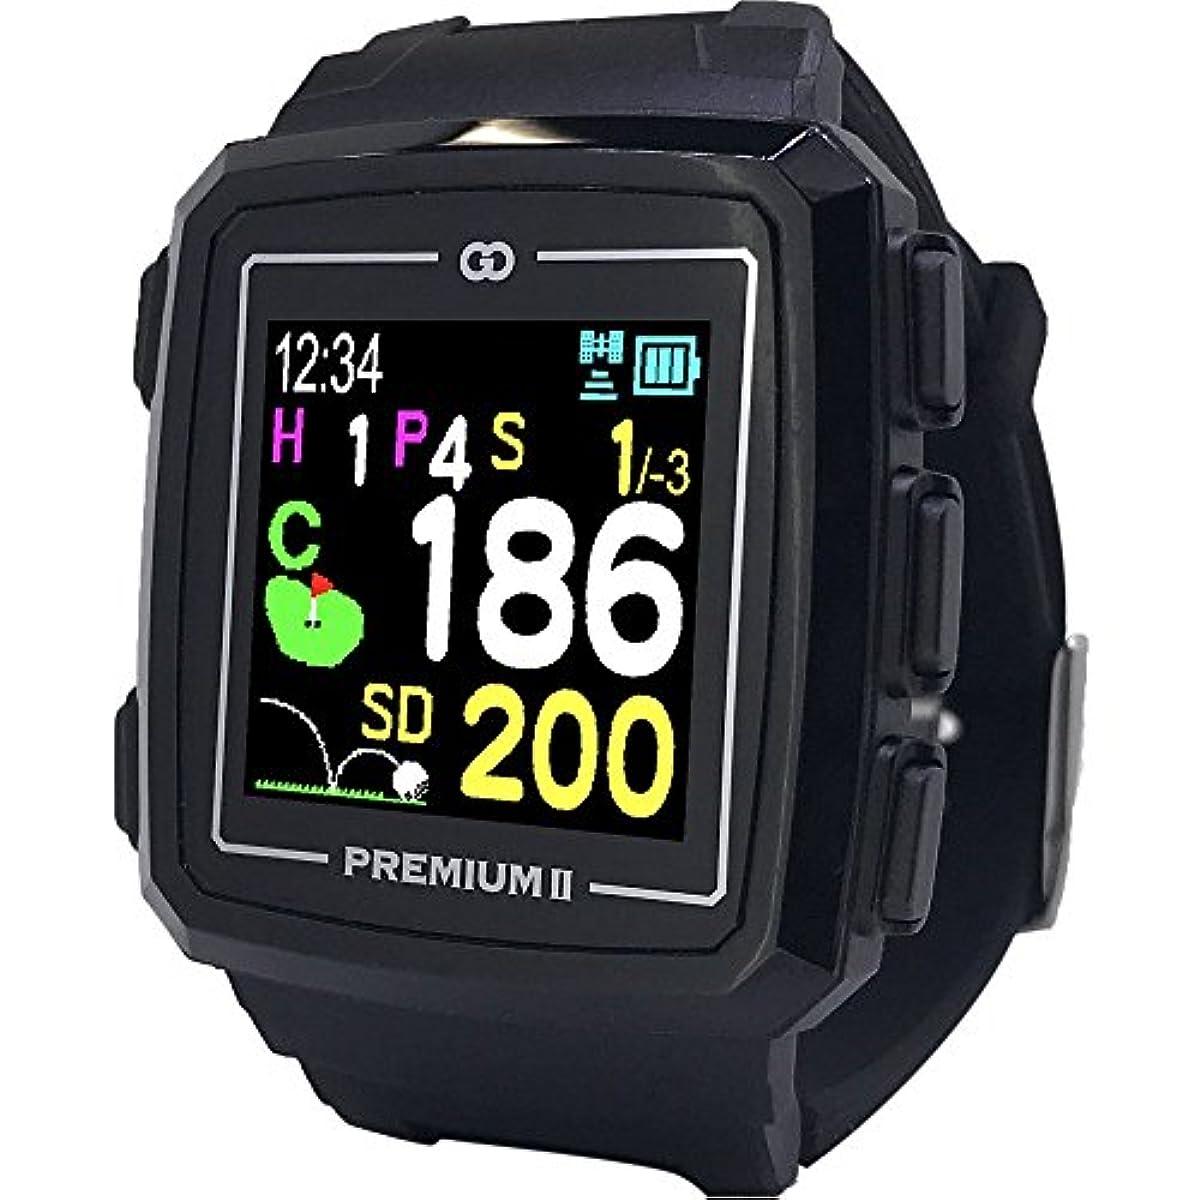 [해외] GREENON(그린 온) 골프 네비 GPS 더・골프 워치 프리미엄Ⅱ고정밀 이끌어 L1S대응 스마트폰연동 스탠스 체크 기능 첨부